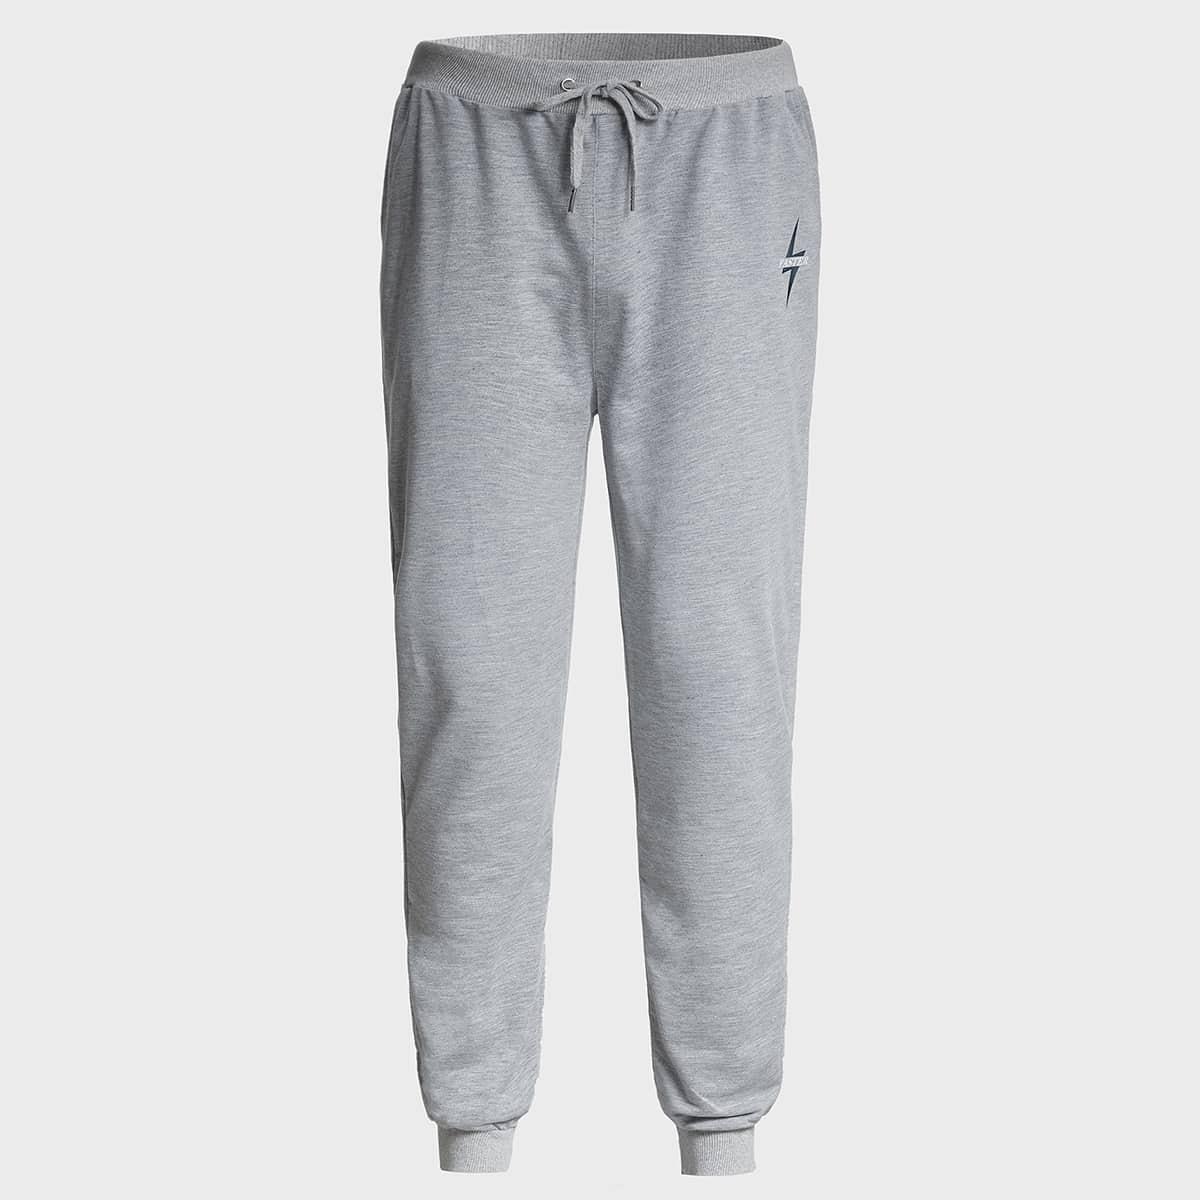 Мужские спортивные брюки с завязками на талии и узором алфавита